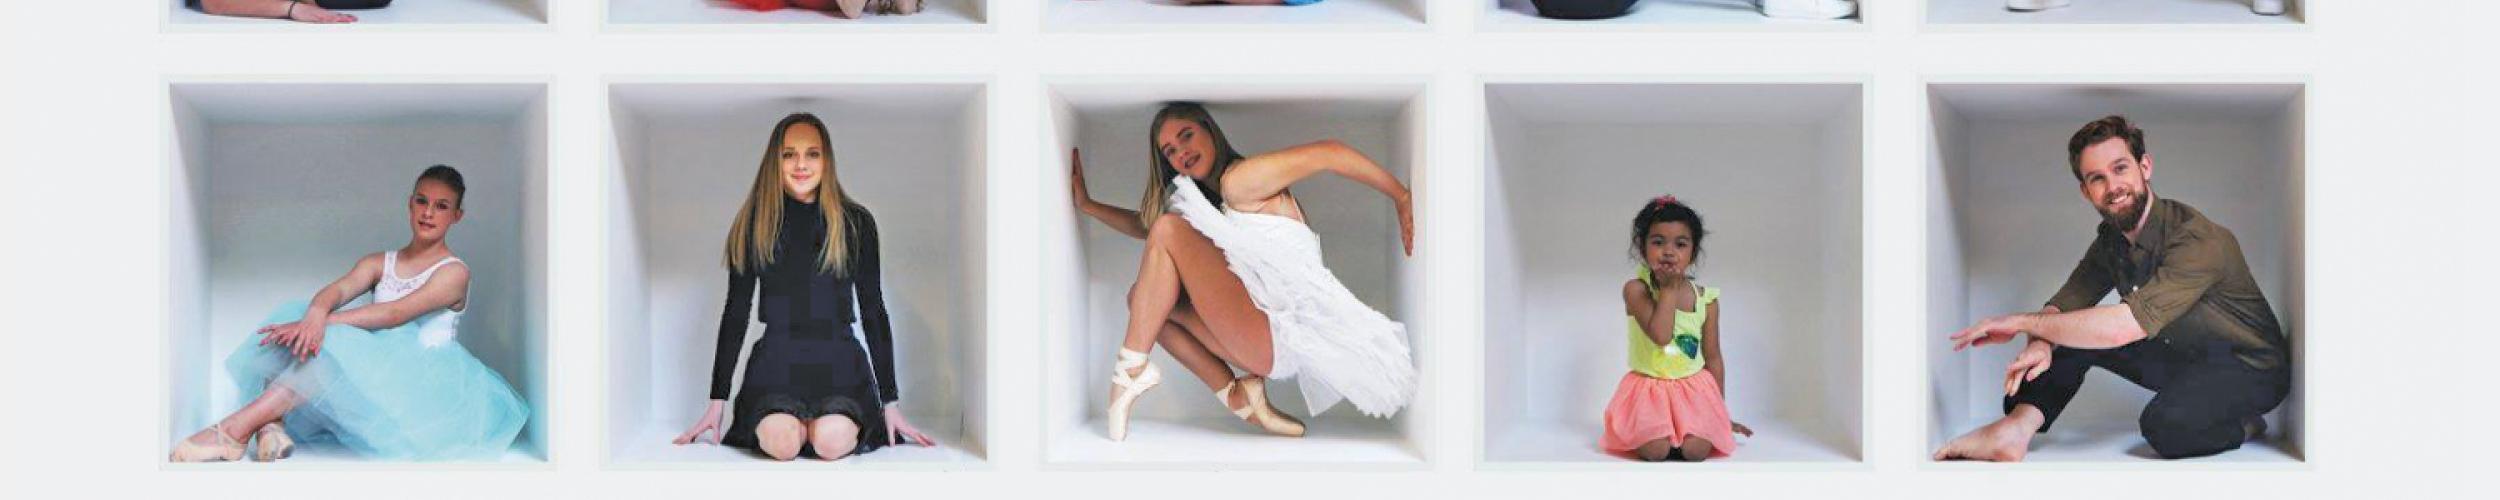 Dansnieuws, leuke dansweetjes, dansshows, ... van de Izegemse dansacademie